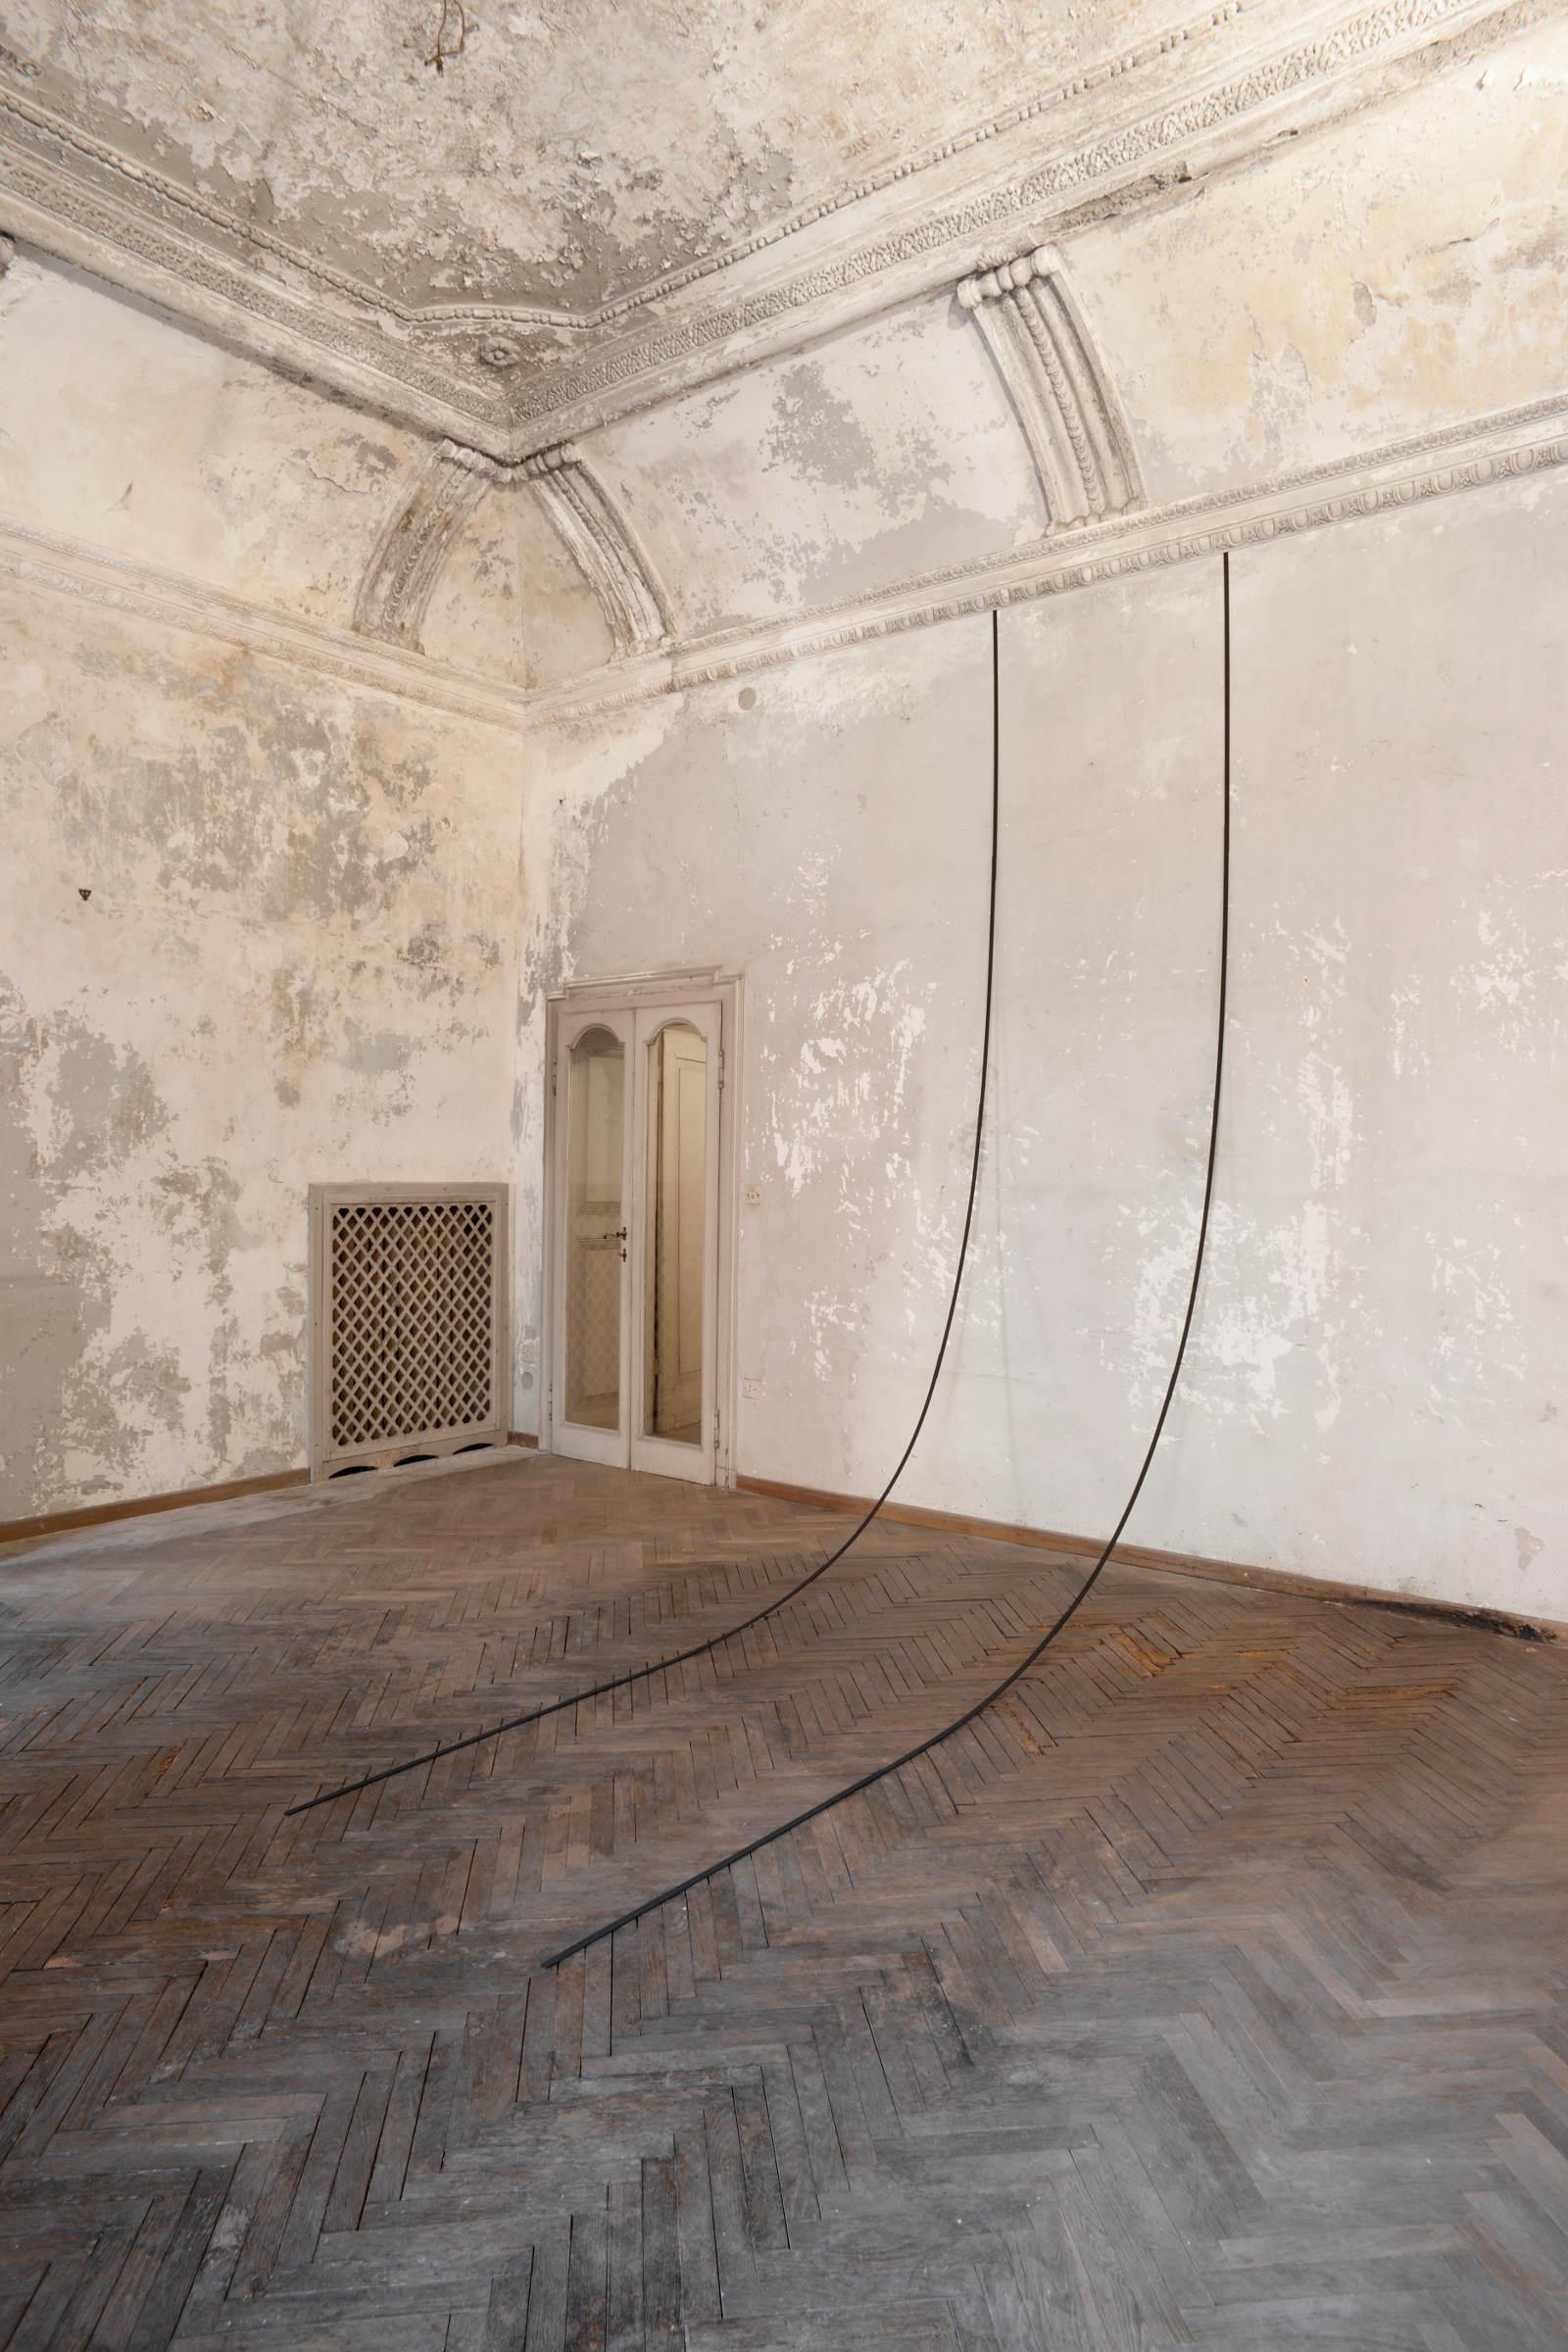 Stephanie Stein, Schadensfall, 2014, legno di balsa, gouache